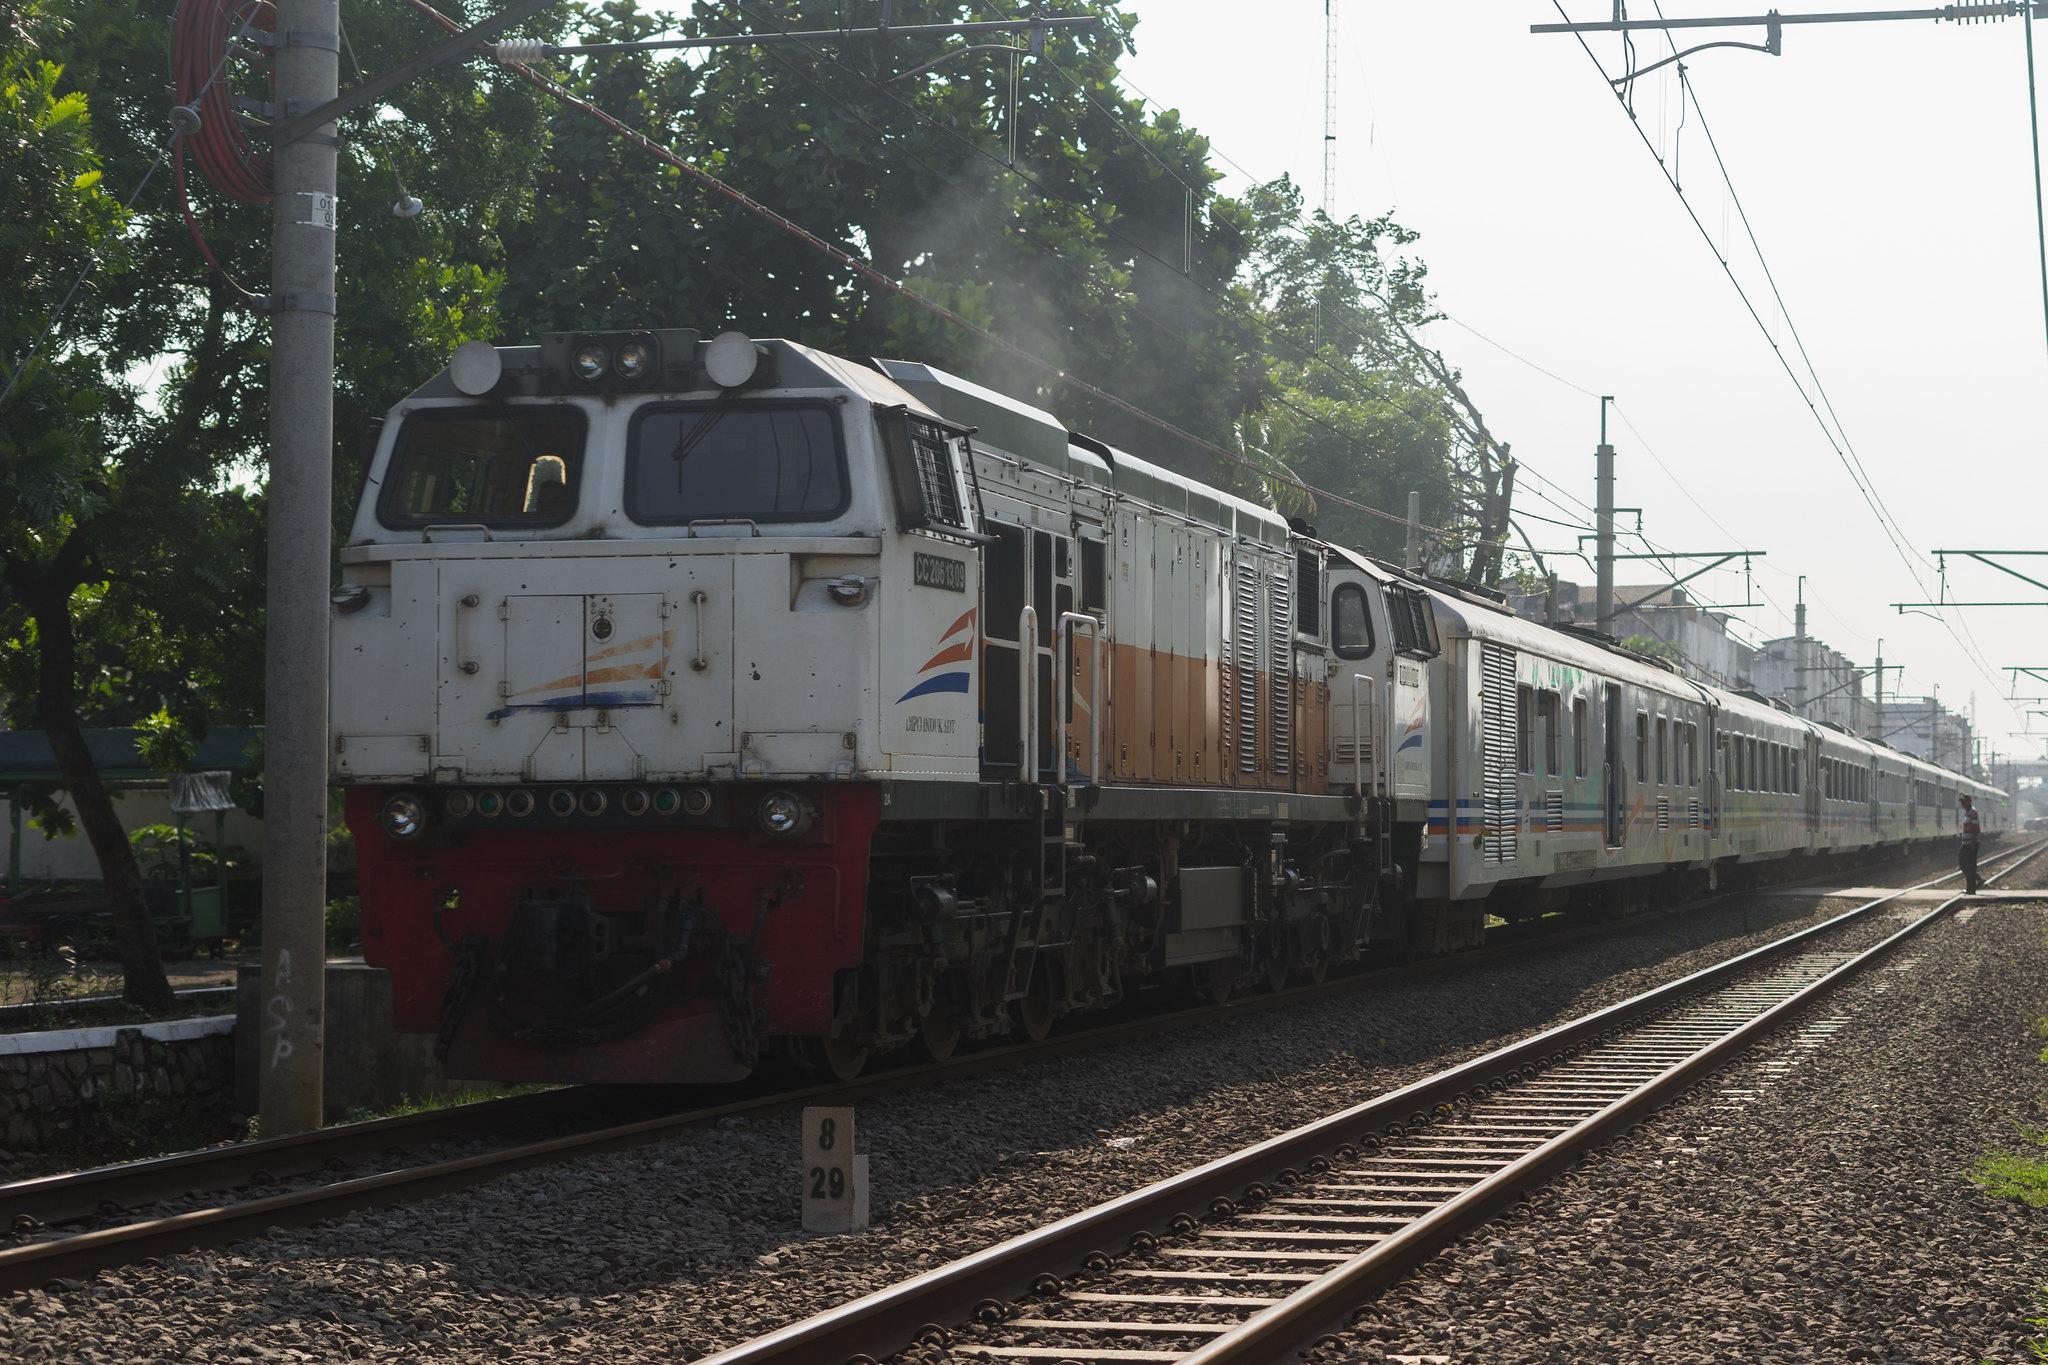 Ilustrasi KA Brawijaya yang rangkaiannya sama dengan KA Bangunkarta